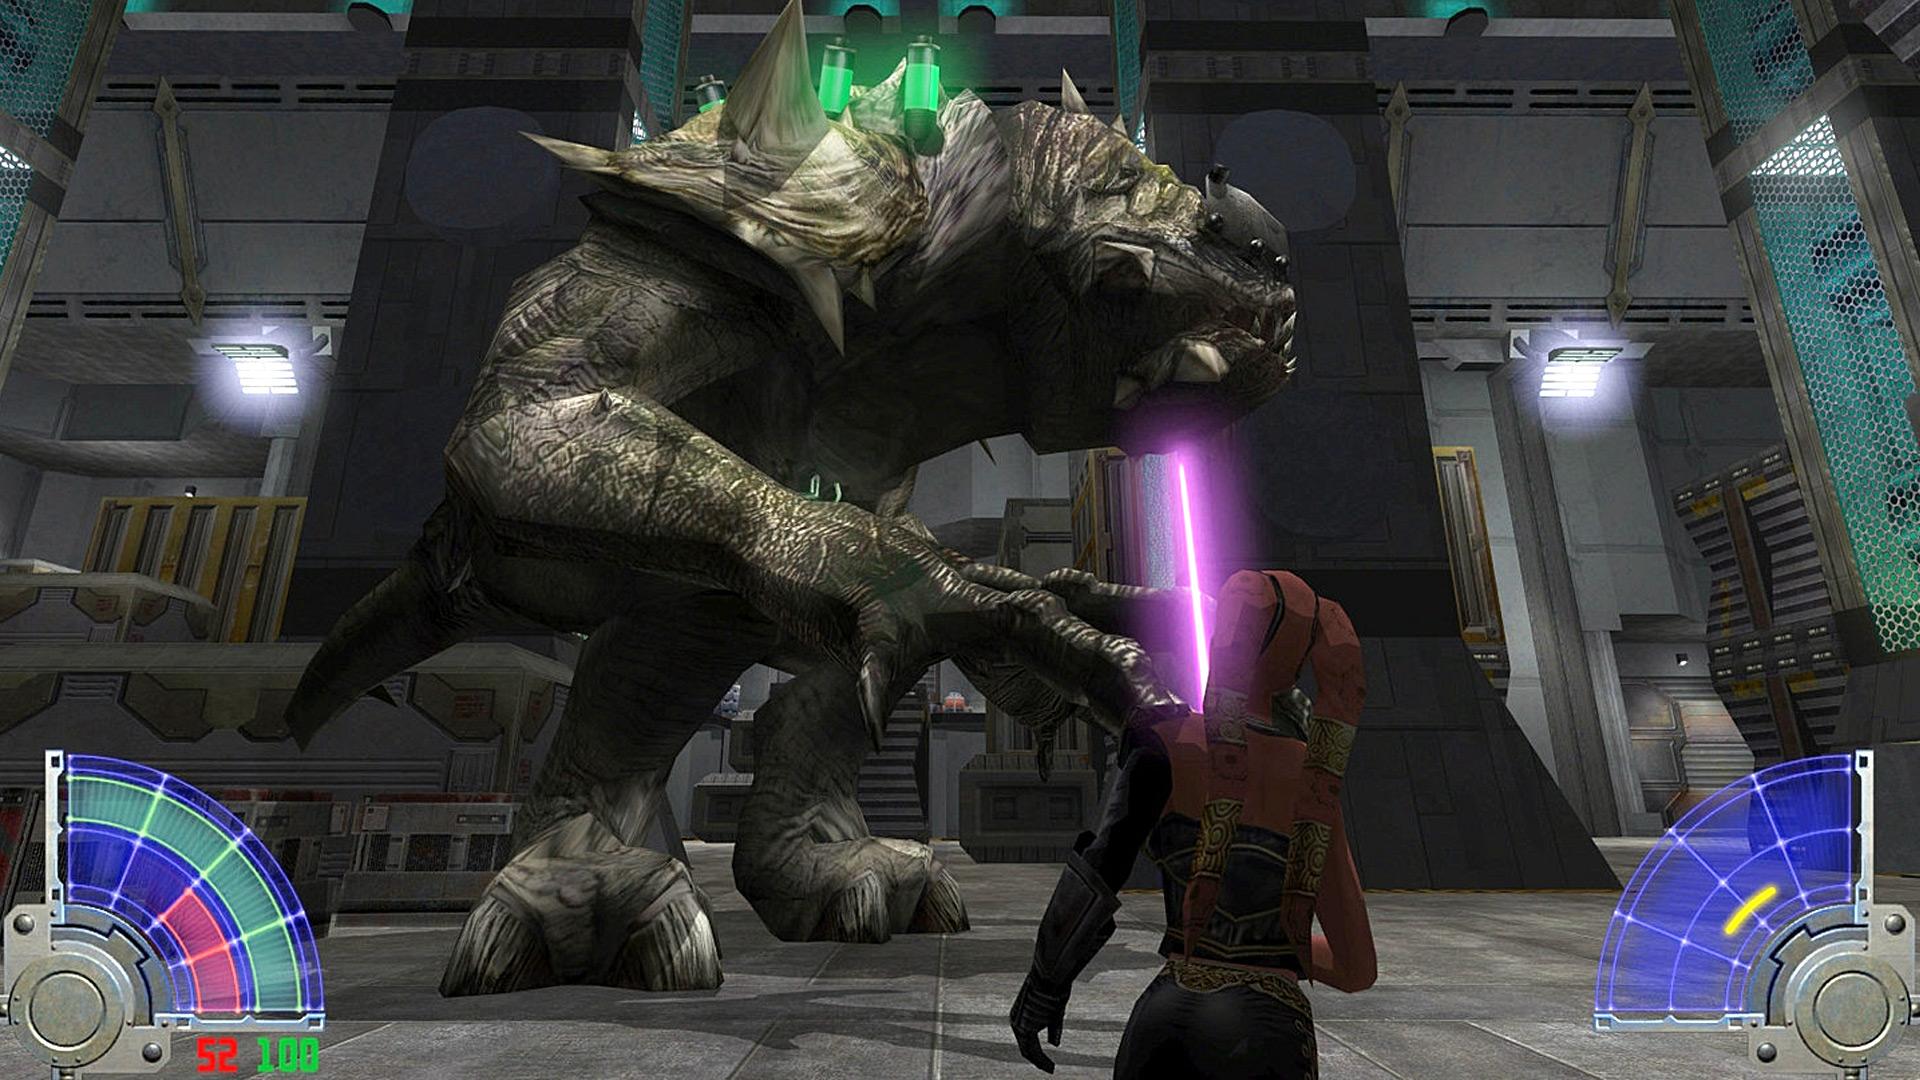 Quelle: Steam - Star Wars Jedi Knight: Jedi Academy